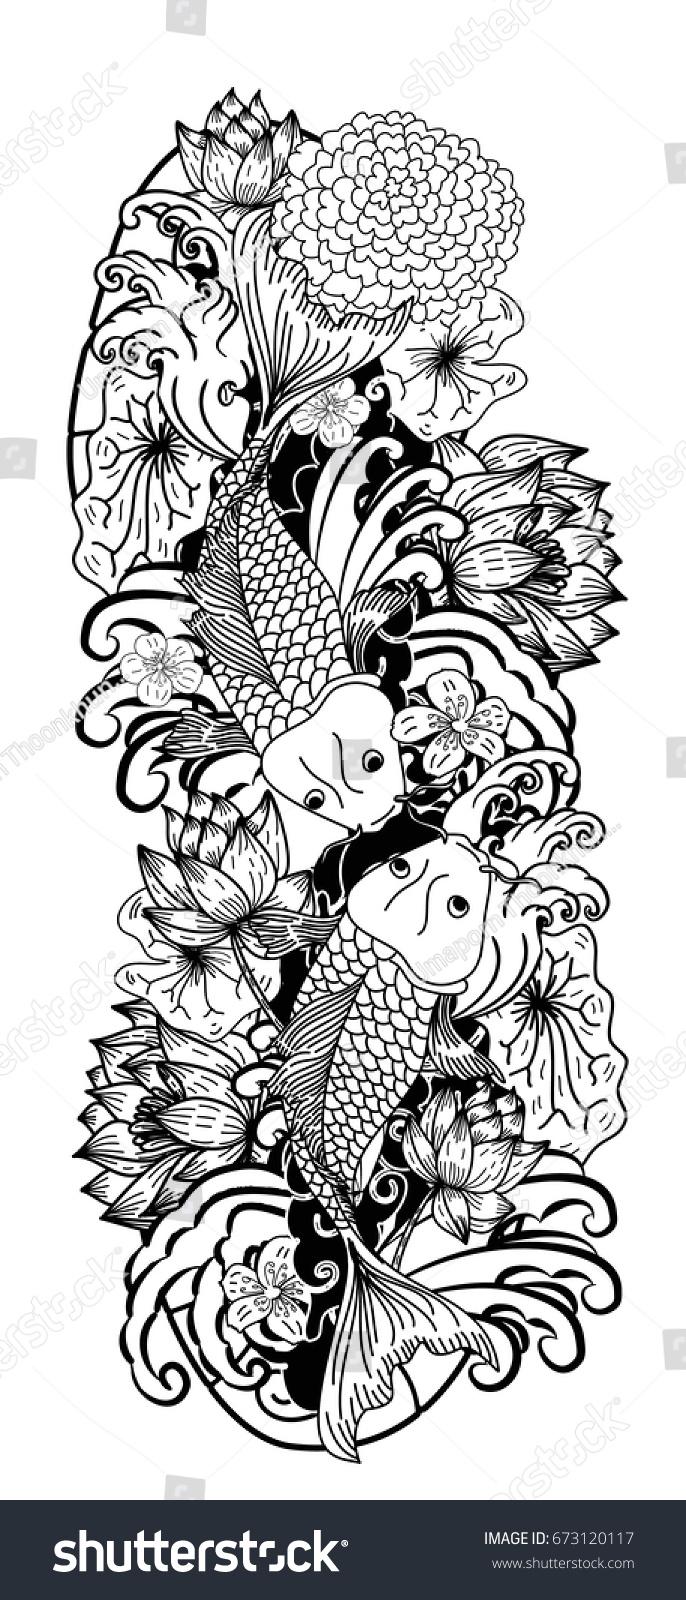 Beautiful line art koi carp tattoo stock vector 673120117 shutterstock beautiful line art koi carp tattoo design black and white koi fish and flower izmirmasajfo